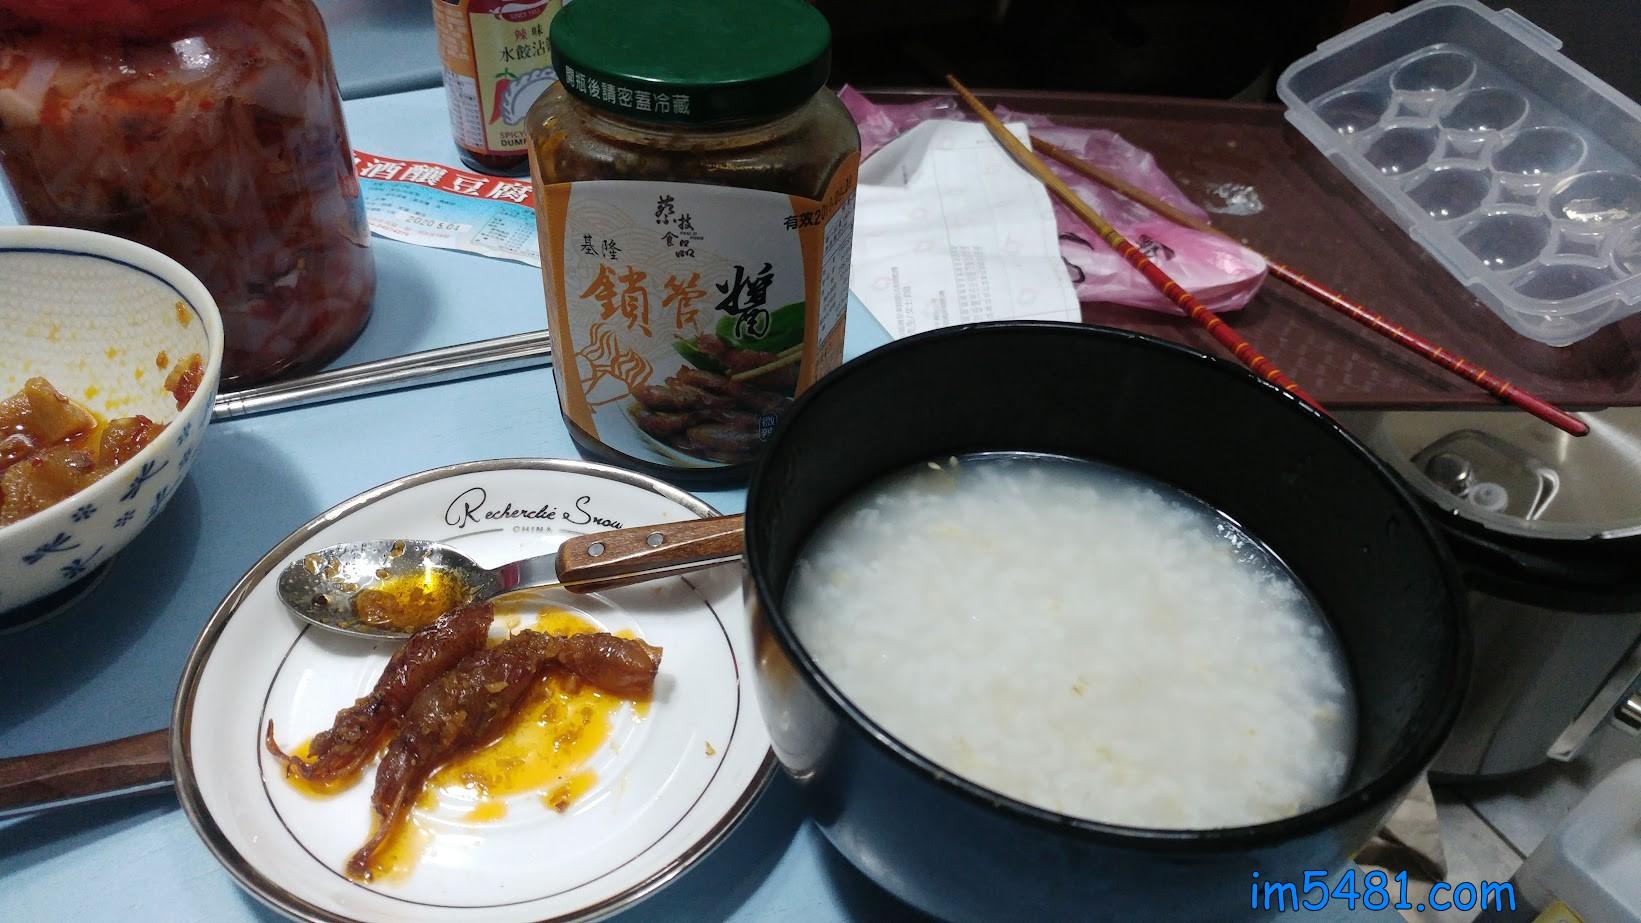 回家後煮粥品嘗蔡技食品鎖管醬,真心覺得好吃!